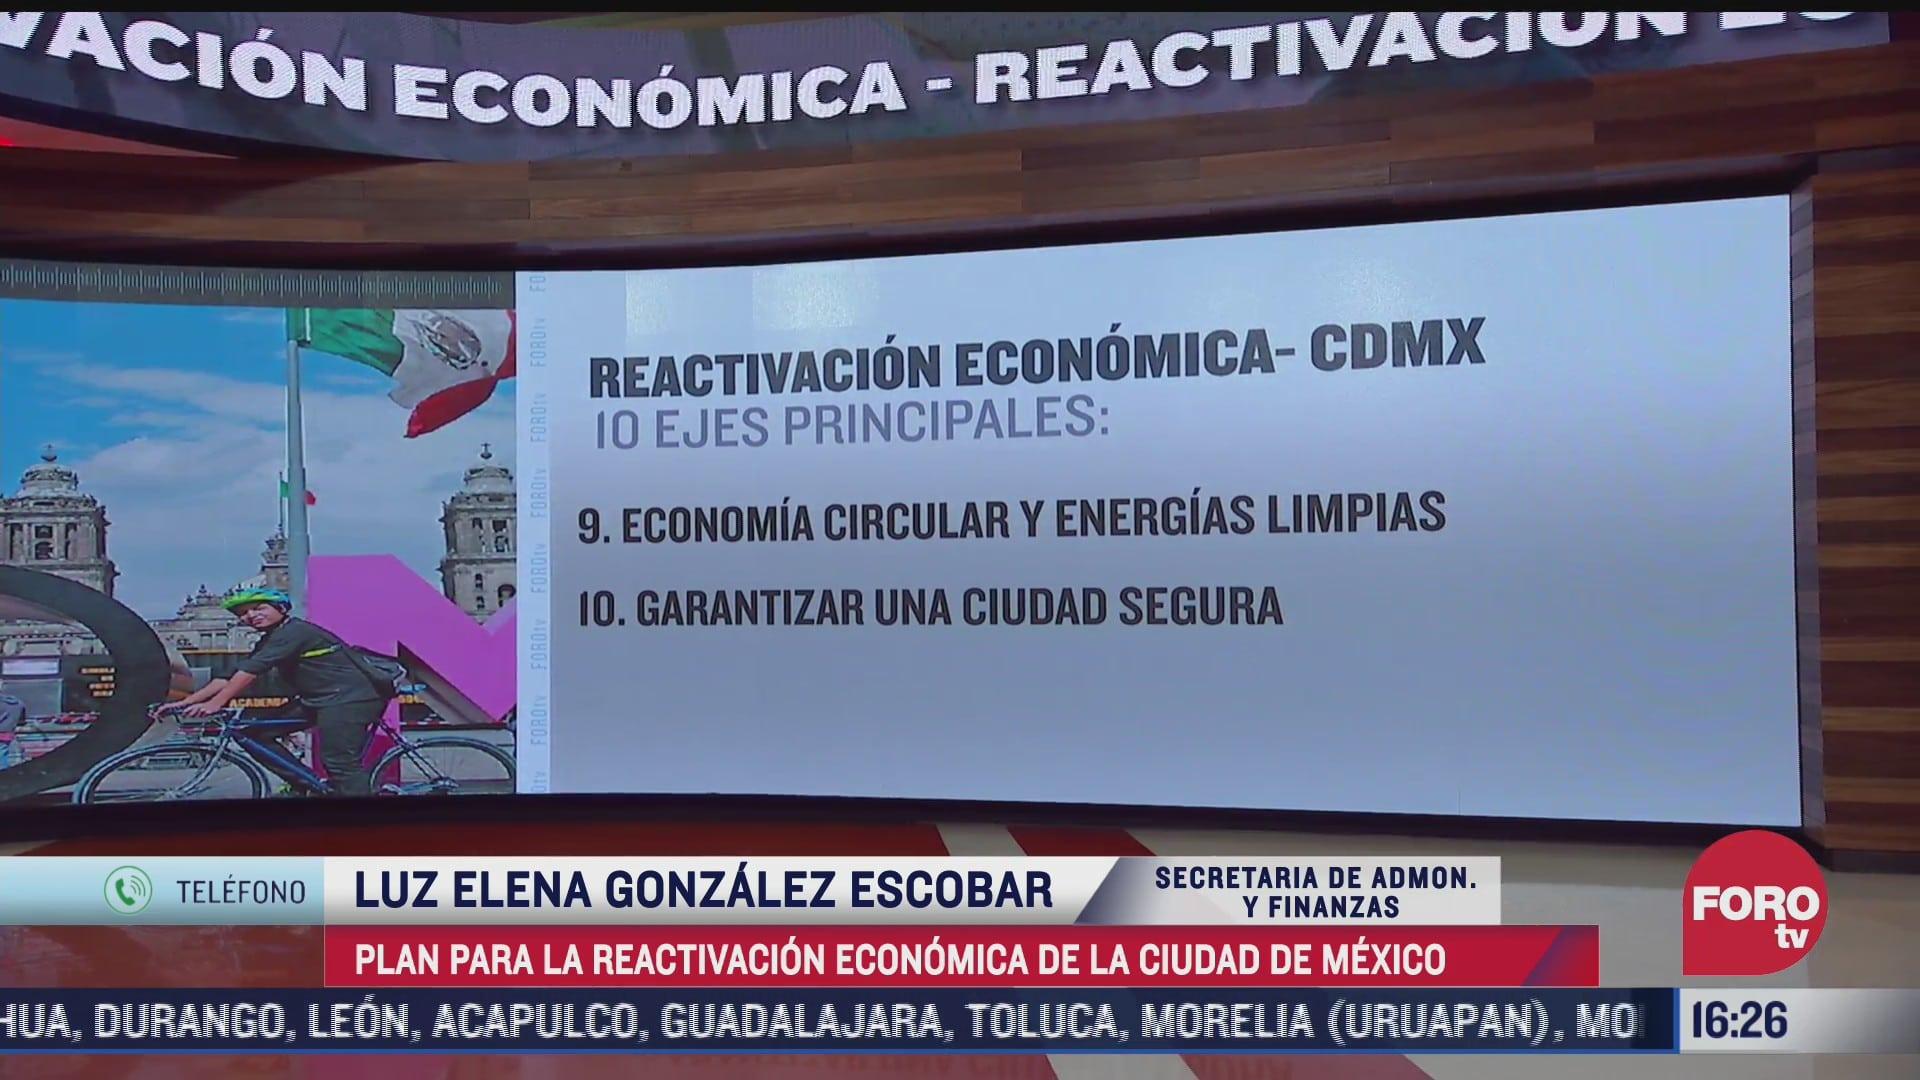 asi funcionara el plan para la reactivacion economica de cdmx